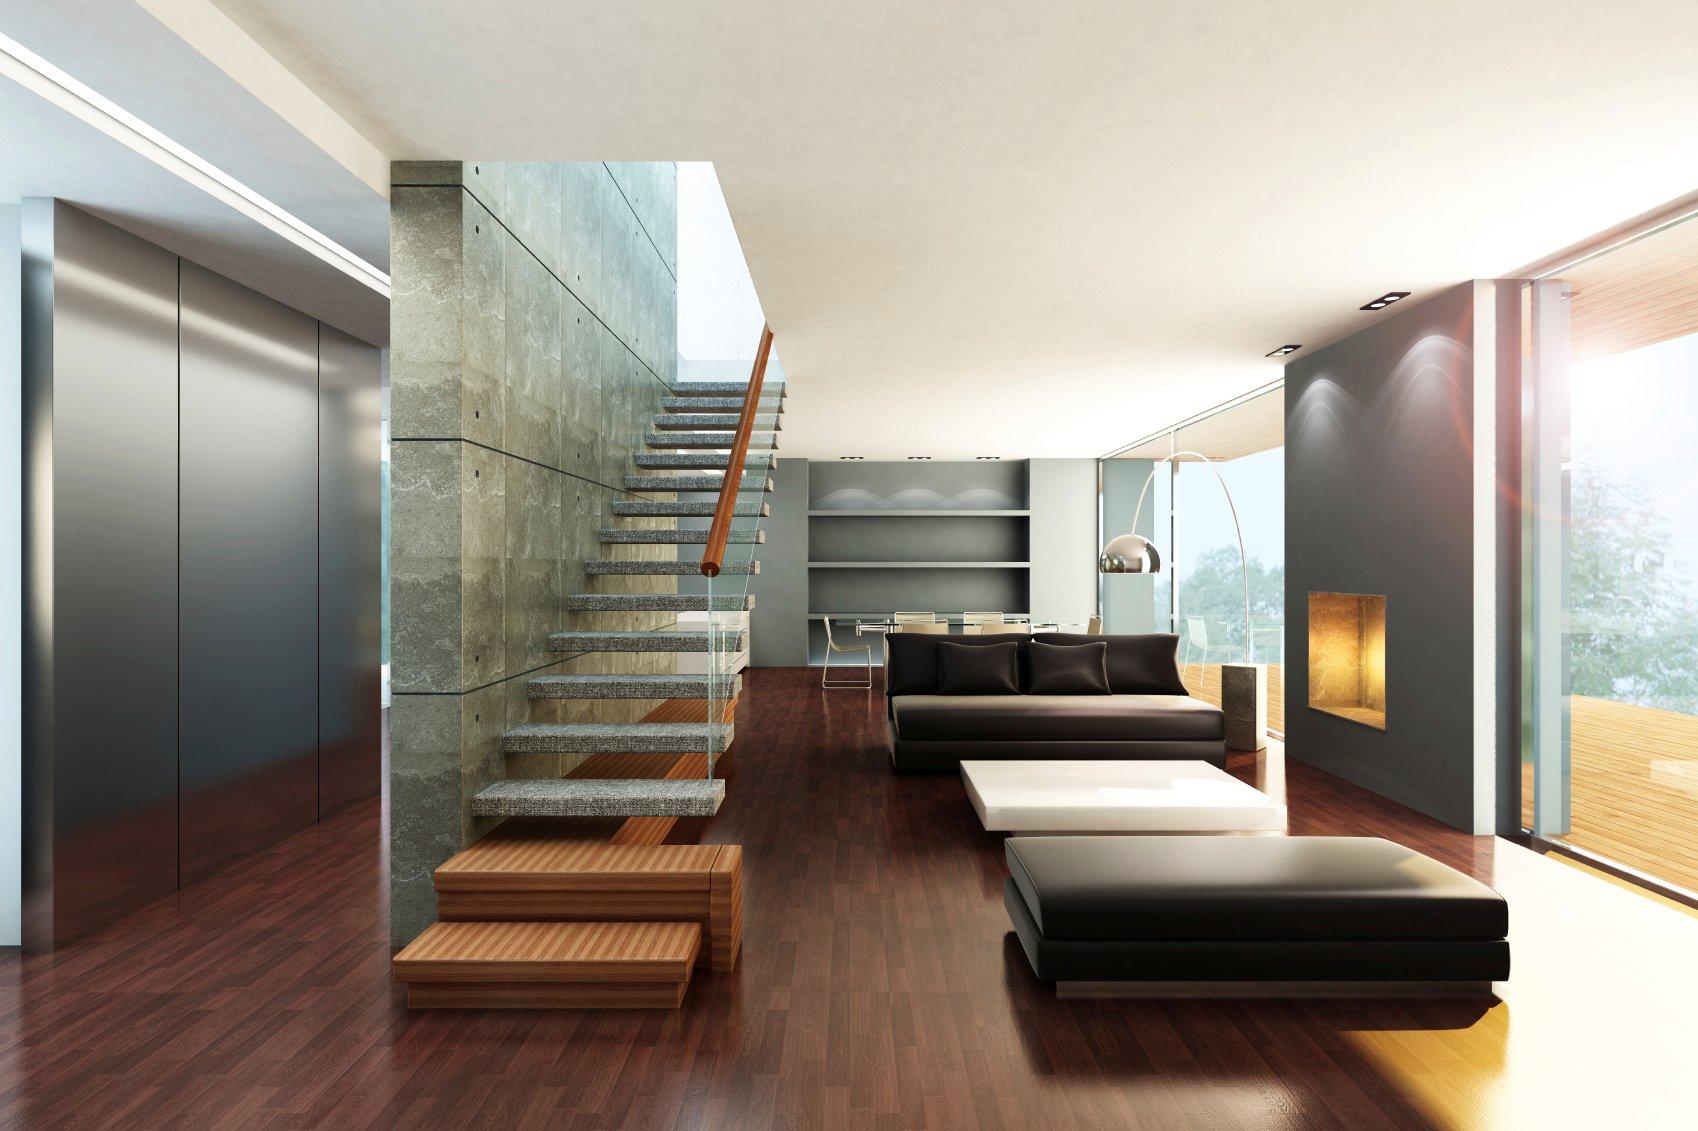 Bilder für wohnraum